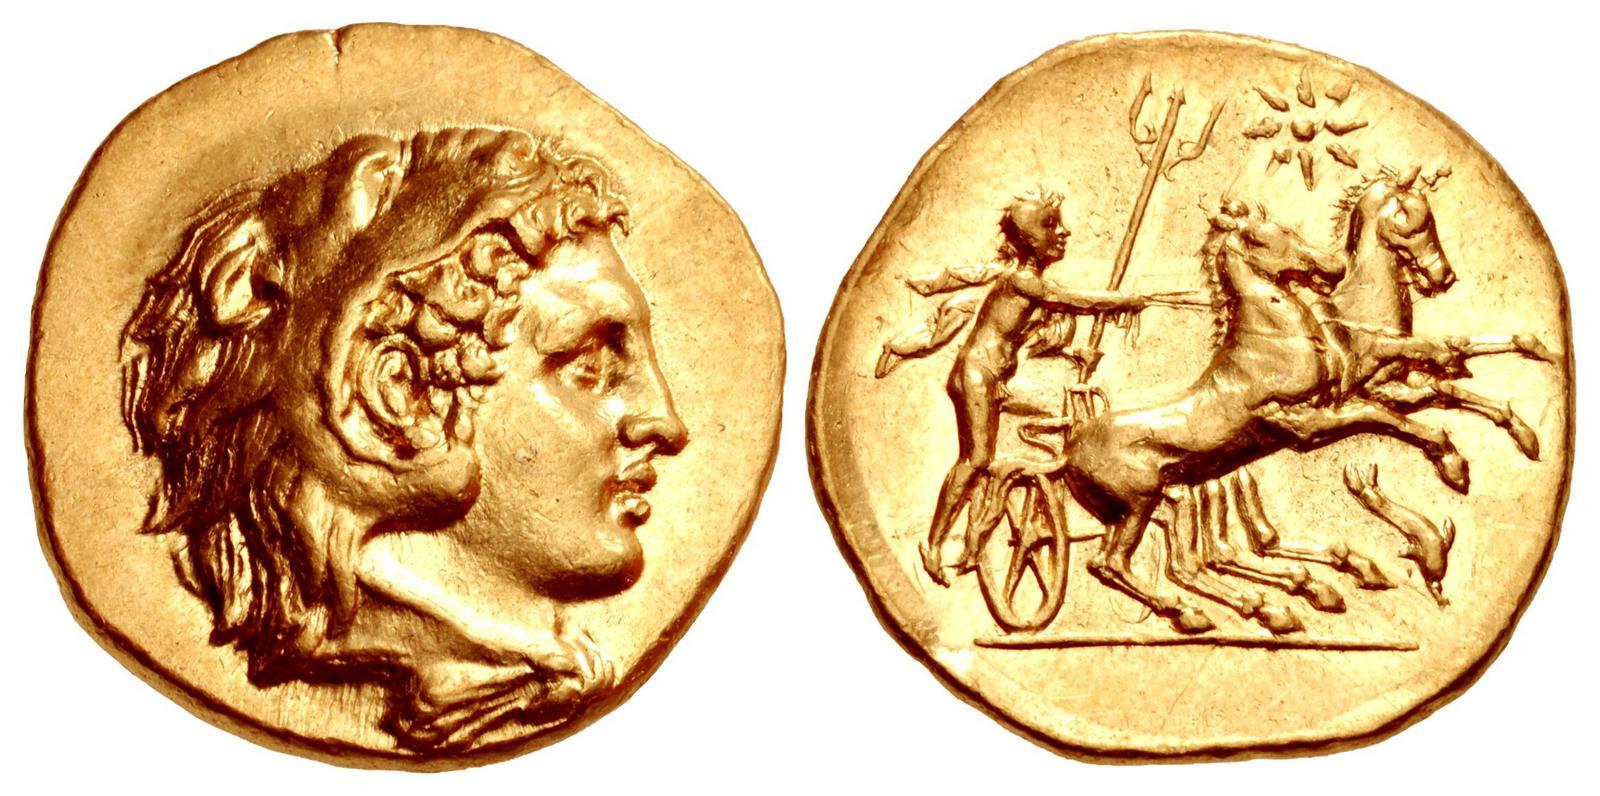 Pyrrhos Emulates Alexander